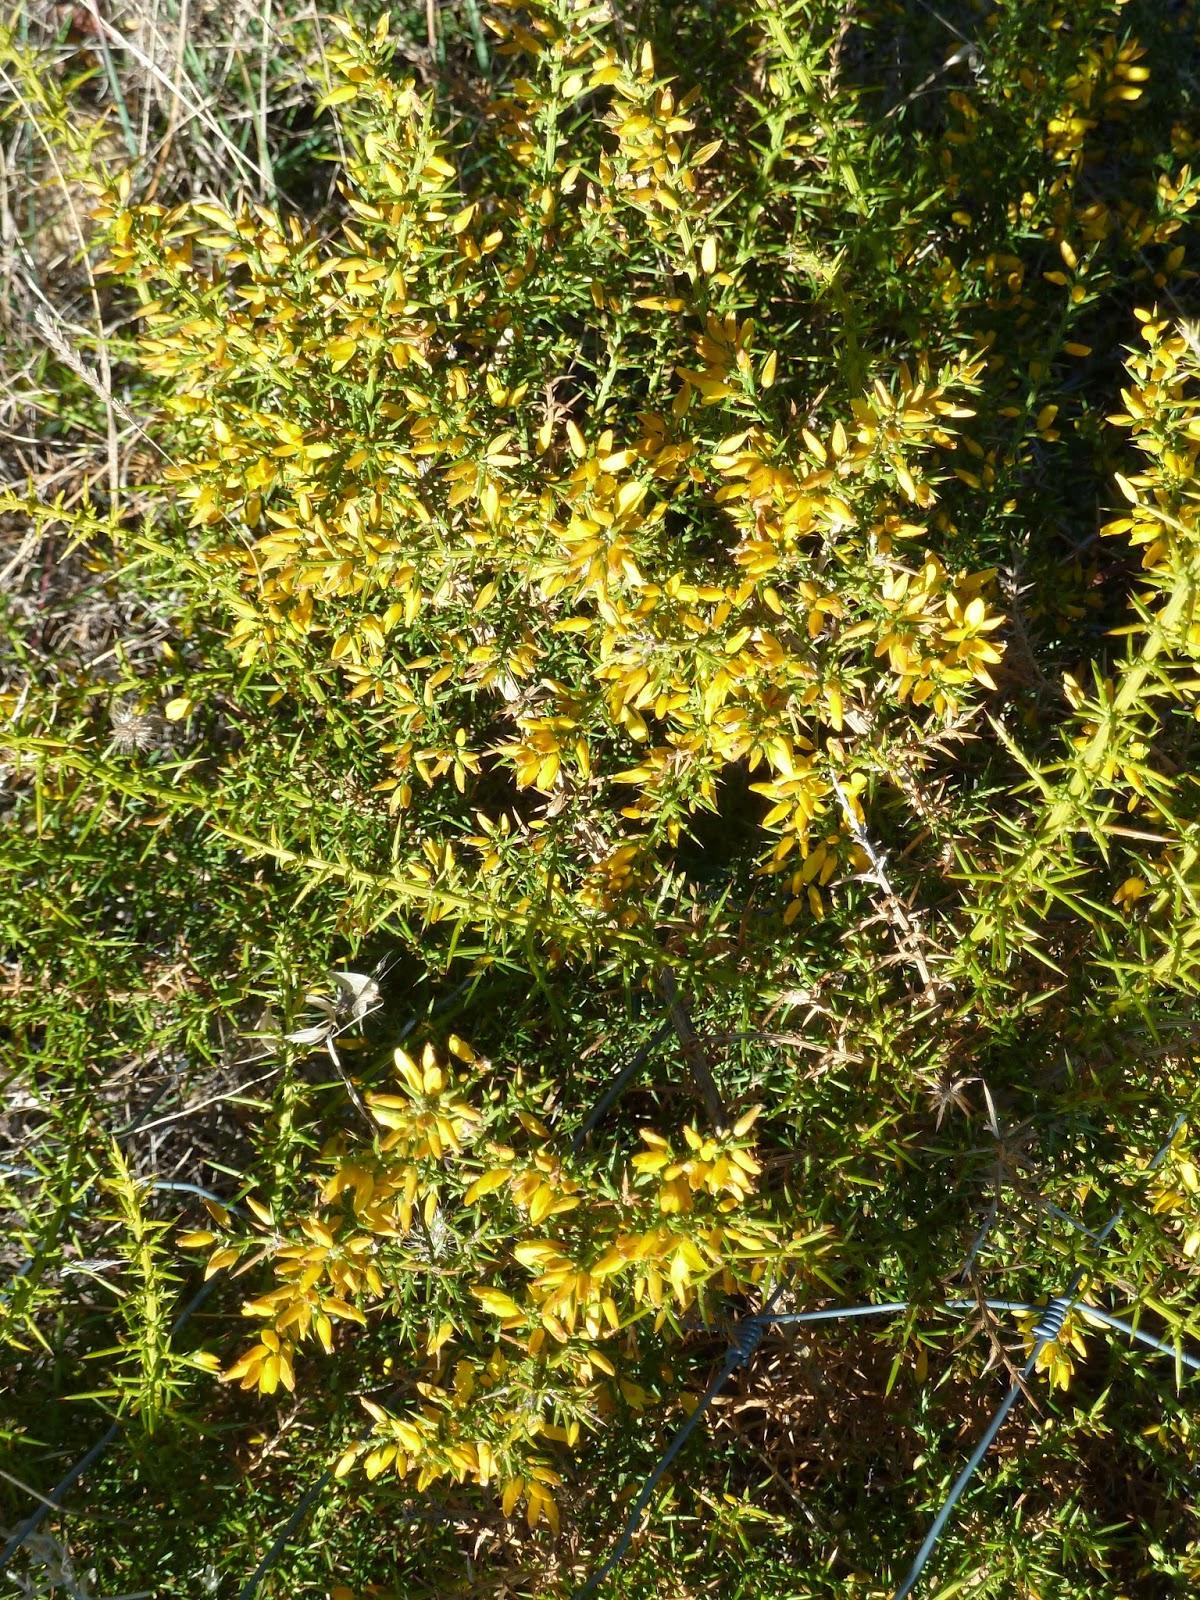 arbusto con muchos y agudos pinchos